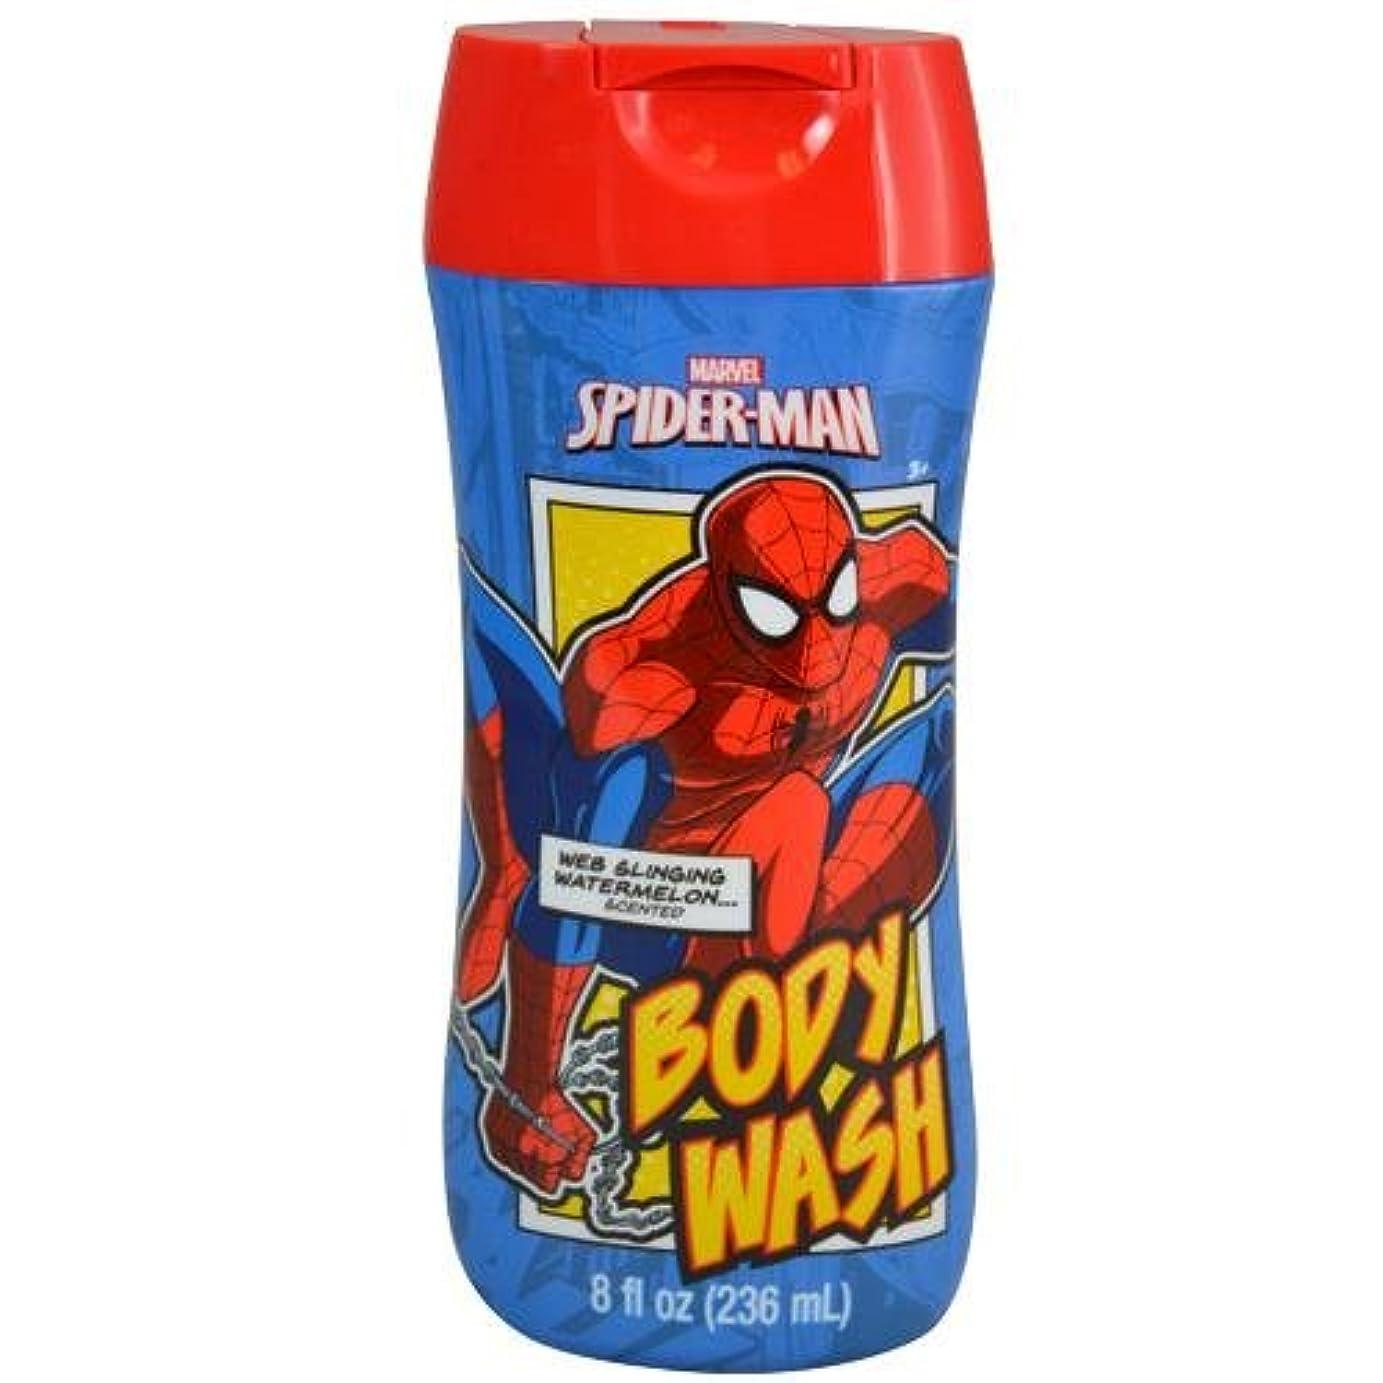 降臨ビジター機関車スパイダーマン SPIDER-MAN ボディーソープ 12185 MARVEL お風呂 ボディ ソープ 子供用 キッズ ボディソープ MARVEL ボディウォッシュ マーベル ボディーウォッシュ【即日?翌日発送】